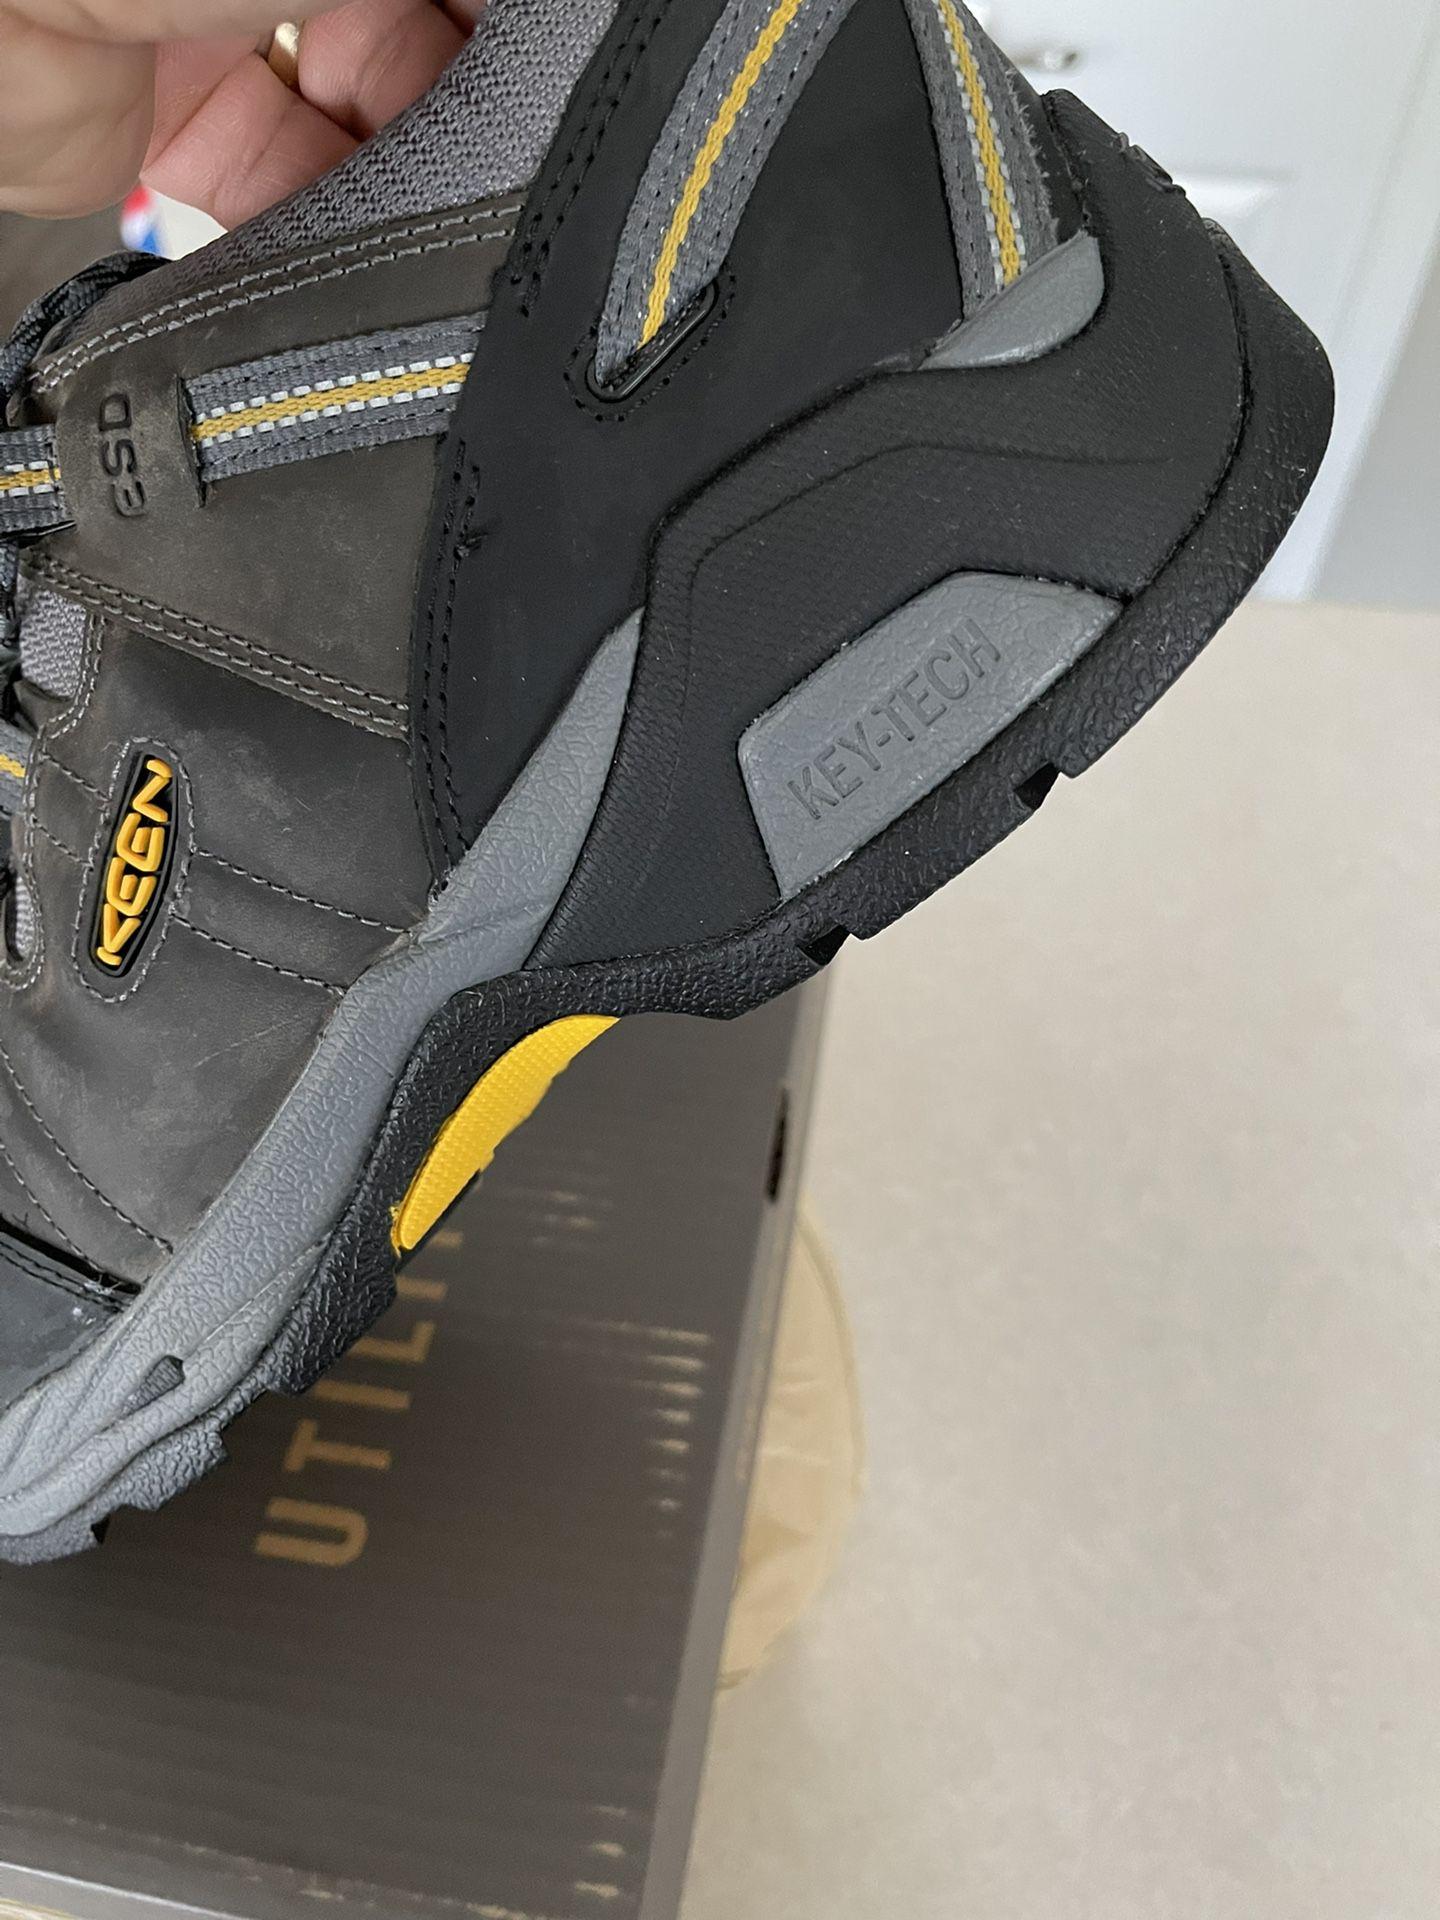 Boots (keen)